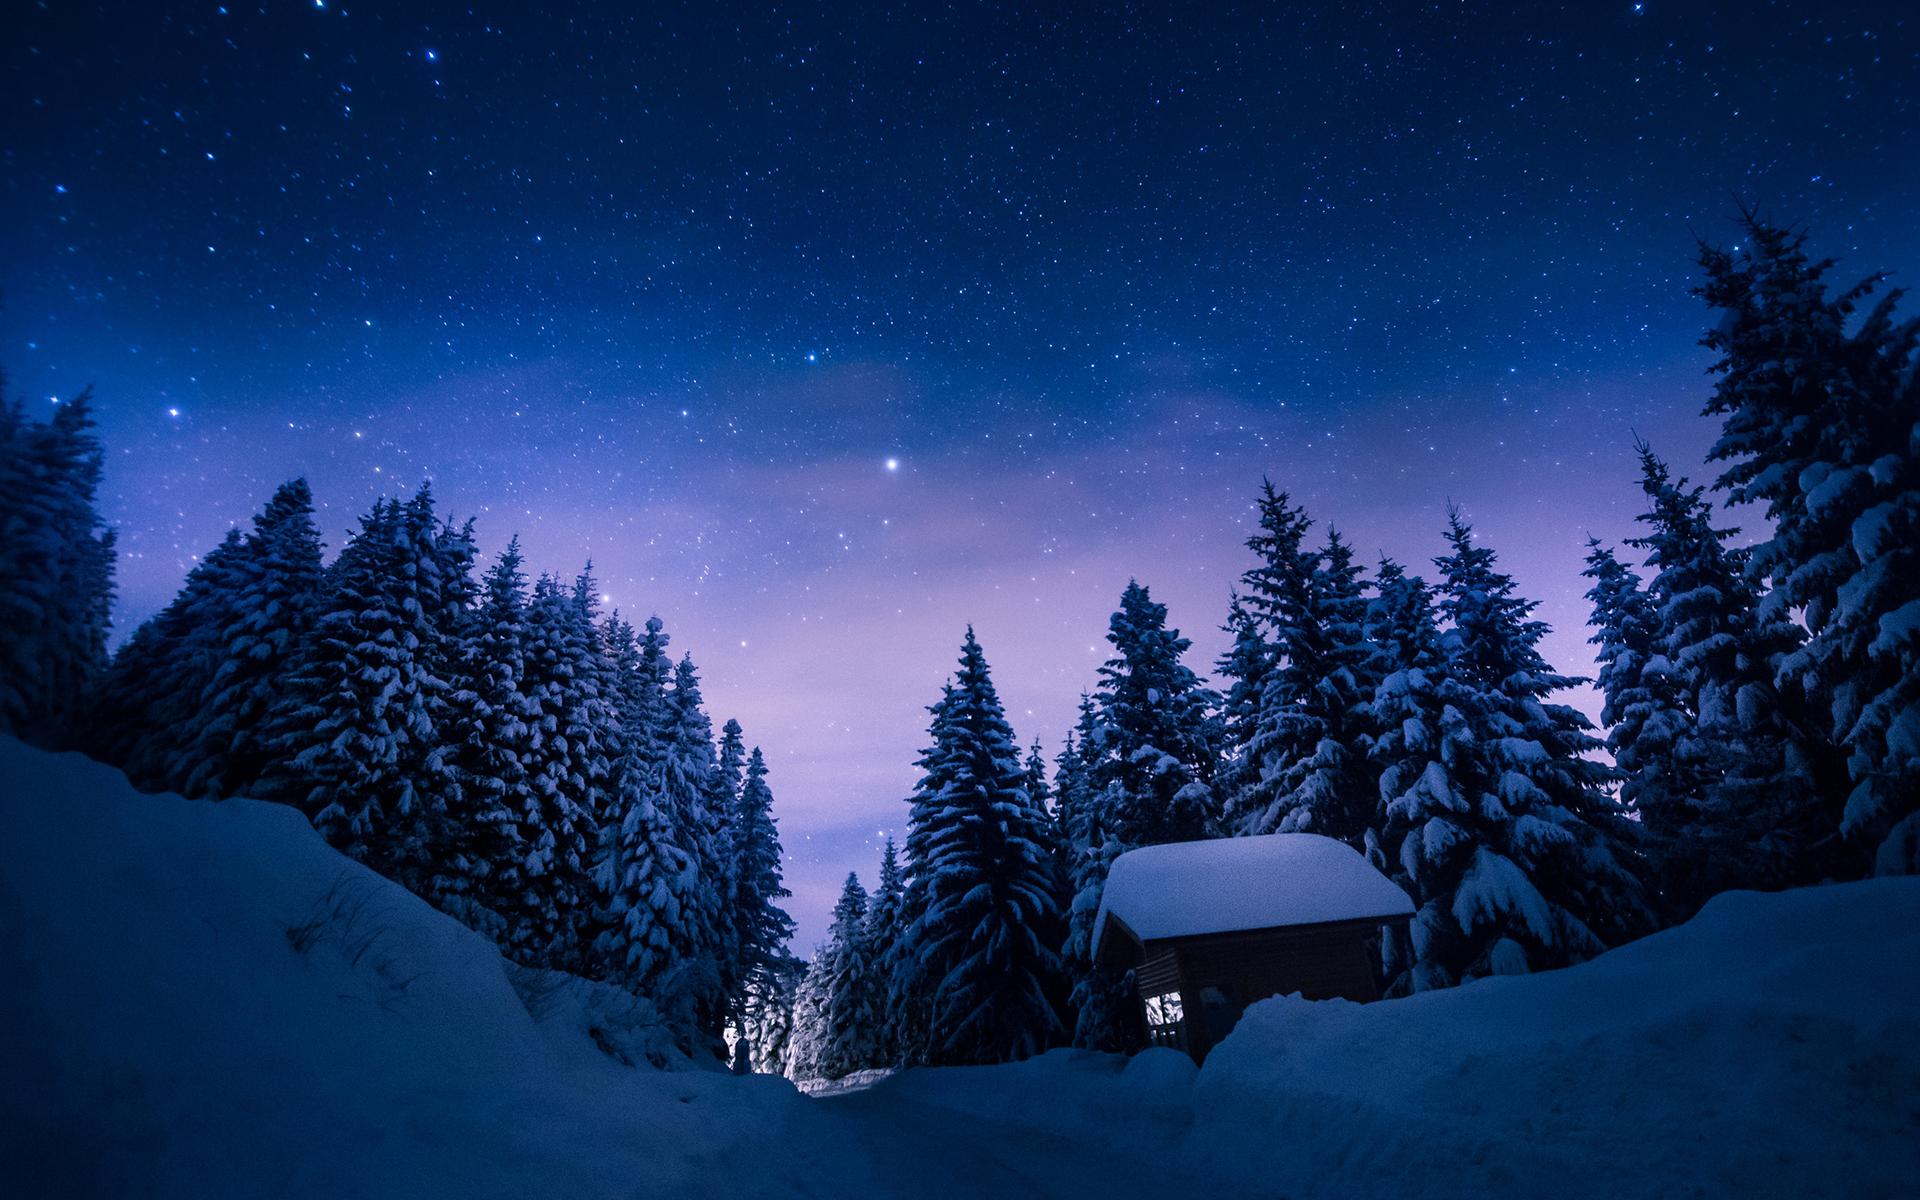 человек картинки рождественская ночь в лесу если сегодня